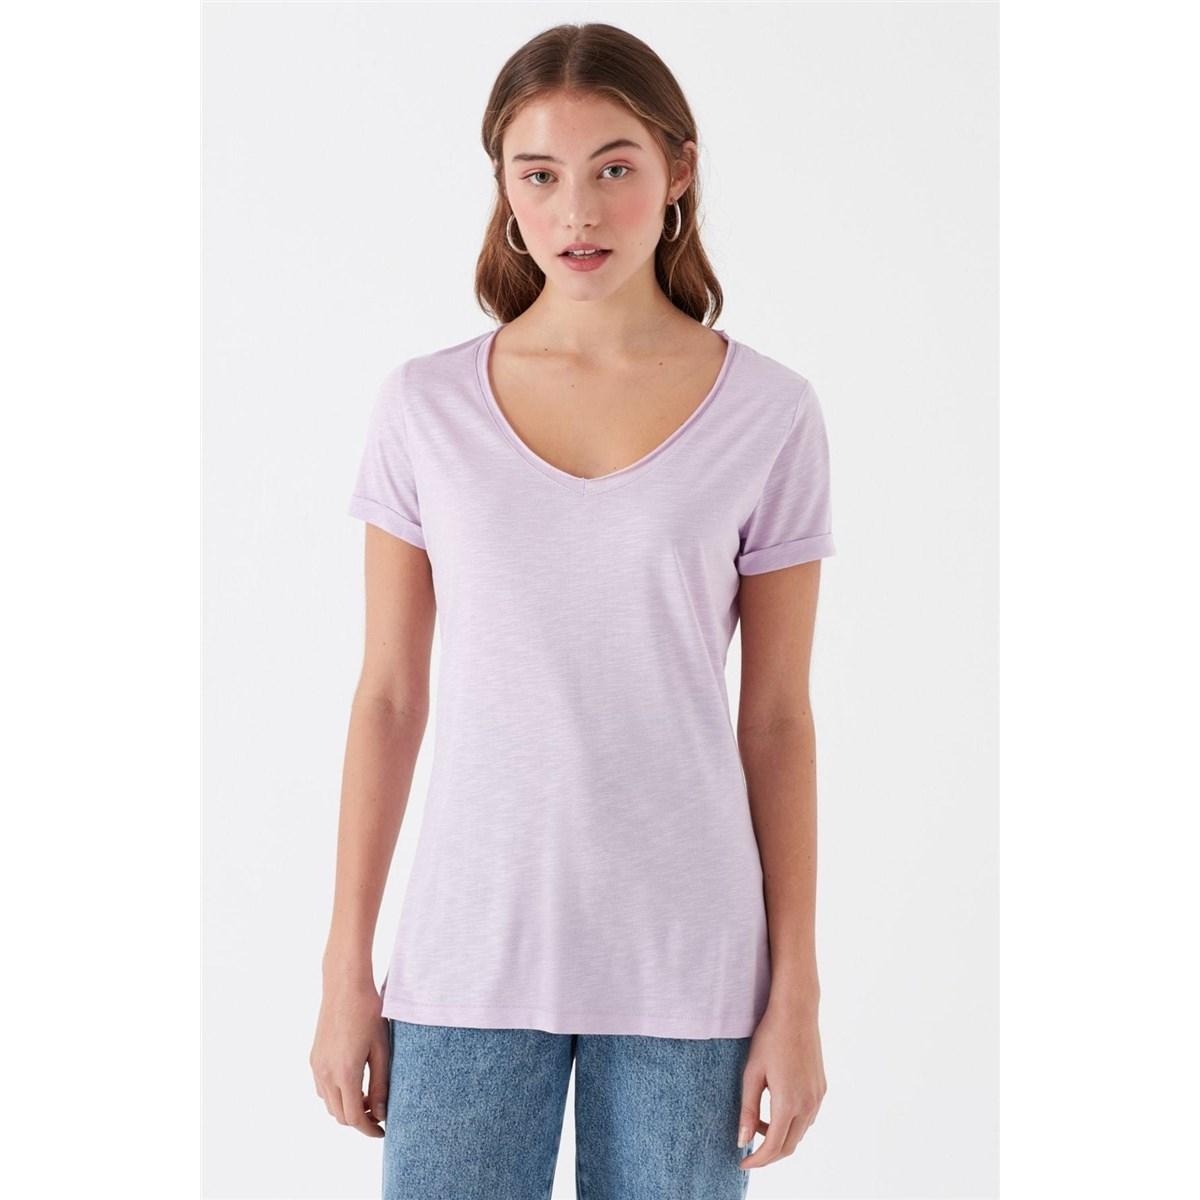 Mavi V Yaka Kadın Açık Lilla Basic Tişört